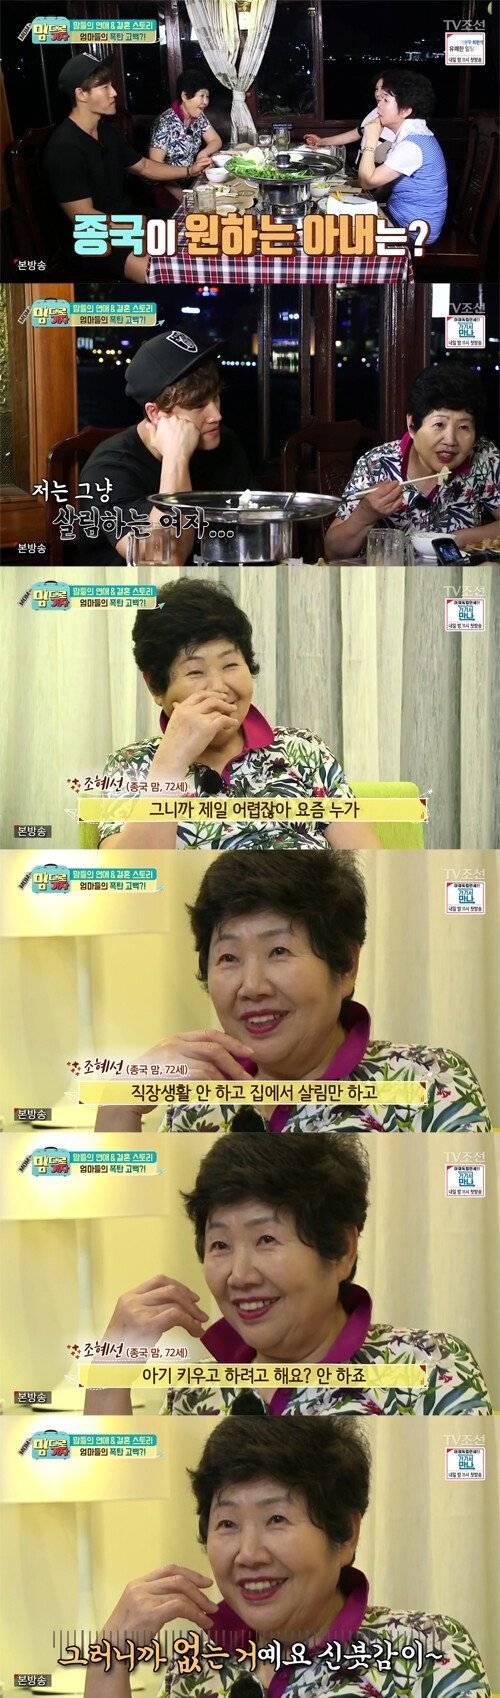 김종국 어머니, 아버지가 생각하는 김종국이 결혼 못하는 이유 | 인스티즈